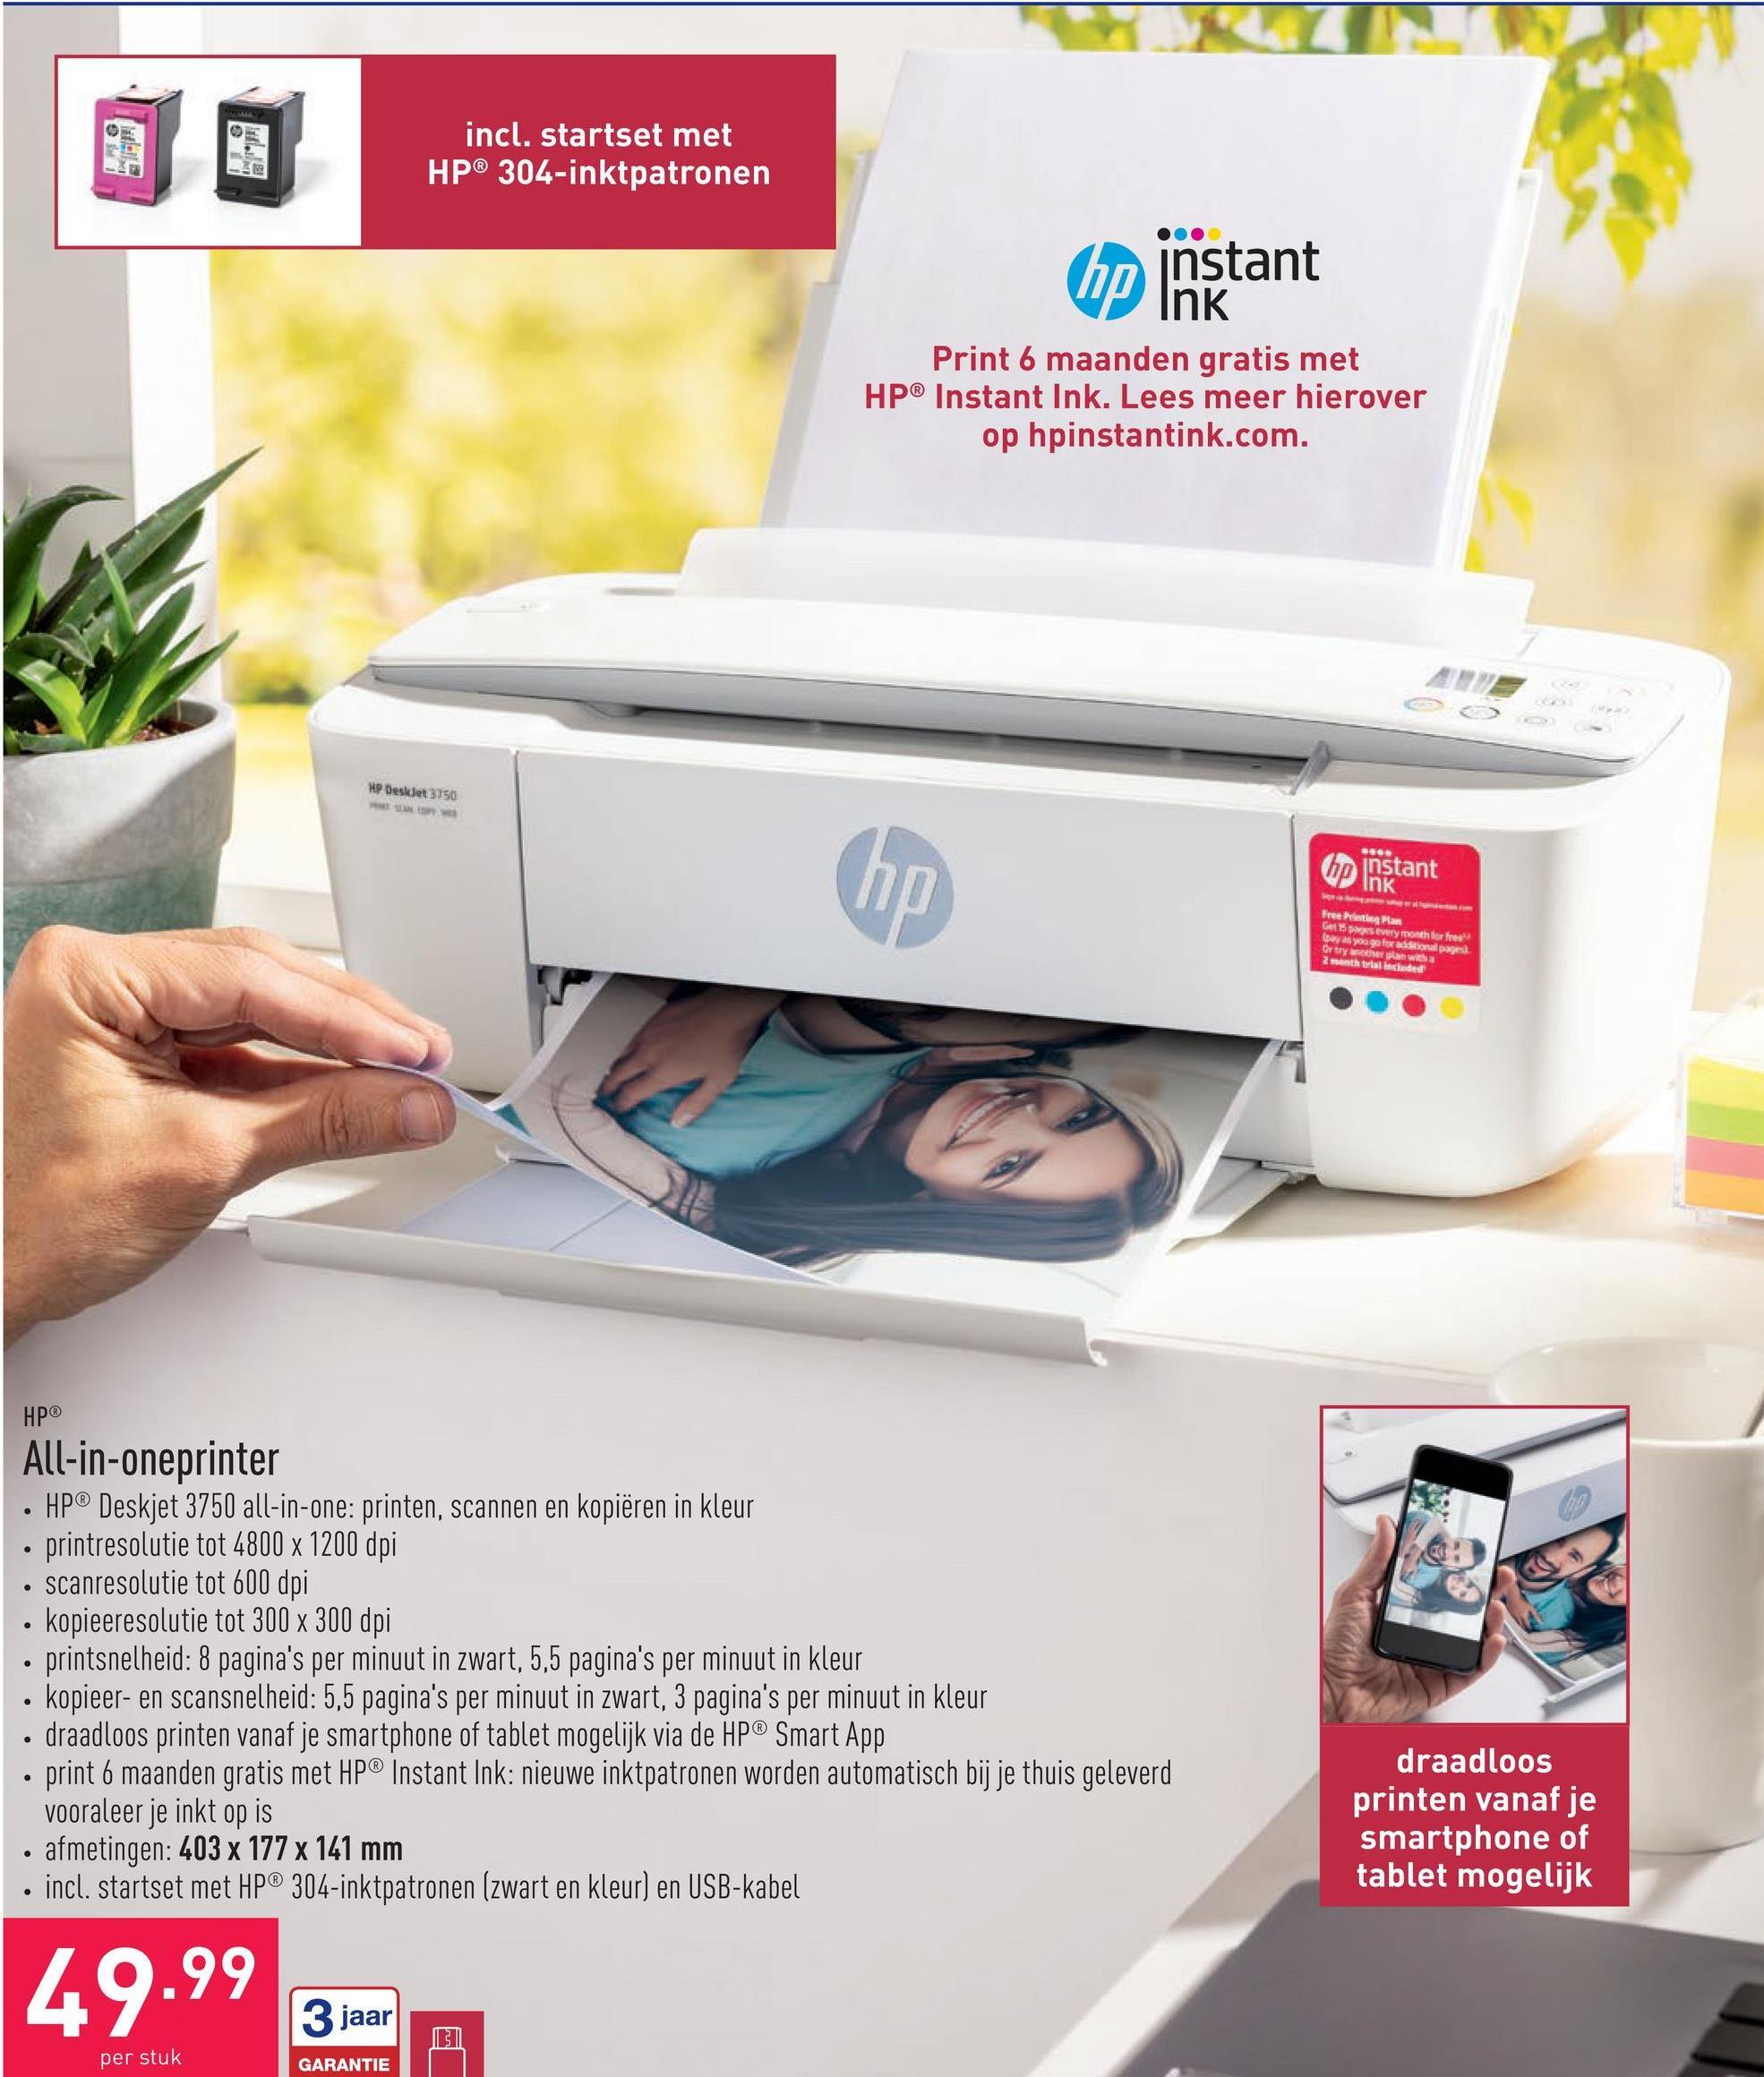 All-in-oneprinter HP® Deskjet 3750 all-in-one: printen, scannen en kopiëren in kleurprintresolutie tot 4800 x 1200 dpiscanresolutie tot 600 dpikopieeresolutie tot 300 x 300 dpiprintsnelheid: 8 pagina's per minuut in zwart, 5,5 pagina's per minuut in kleurkopieer- en scansnelheid: 5,5 pagina's per minuut in zwart, 3 pagina's per minuut in kleurdraadloos printen vanaf je smartphone of tablet mogelijk via de HP® Smart Appprint 6 maanden gratis met HP® Instant Ink: nieuwe inktpatronen worden automatisch bij je thuis geleverd vooraleer je inkt op isafmetingen: 403 x 177 x 141 mmincl. startset met HP® 304-inktpatronen (zwart en kleur) en USB-kabel